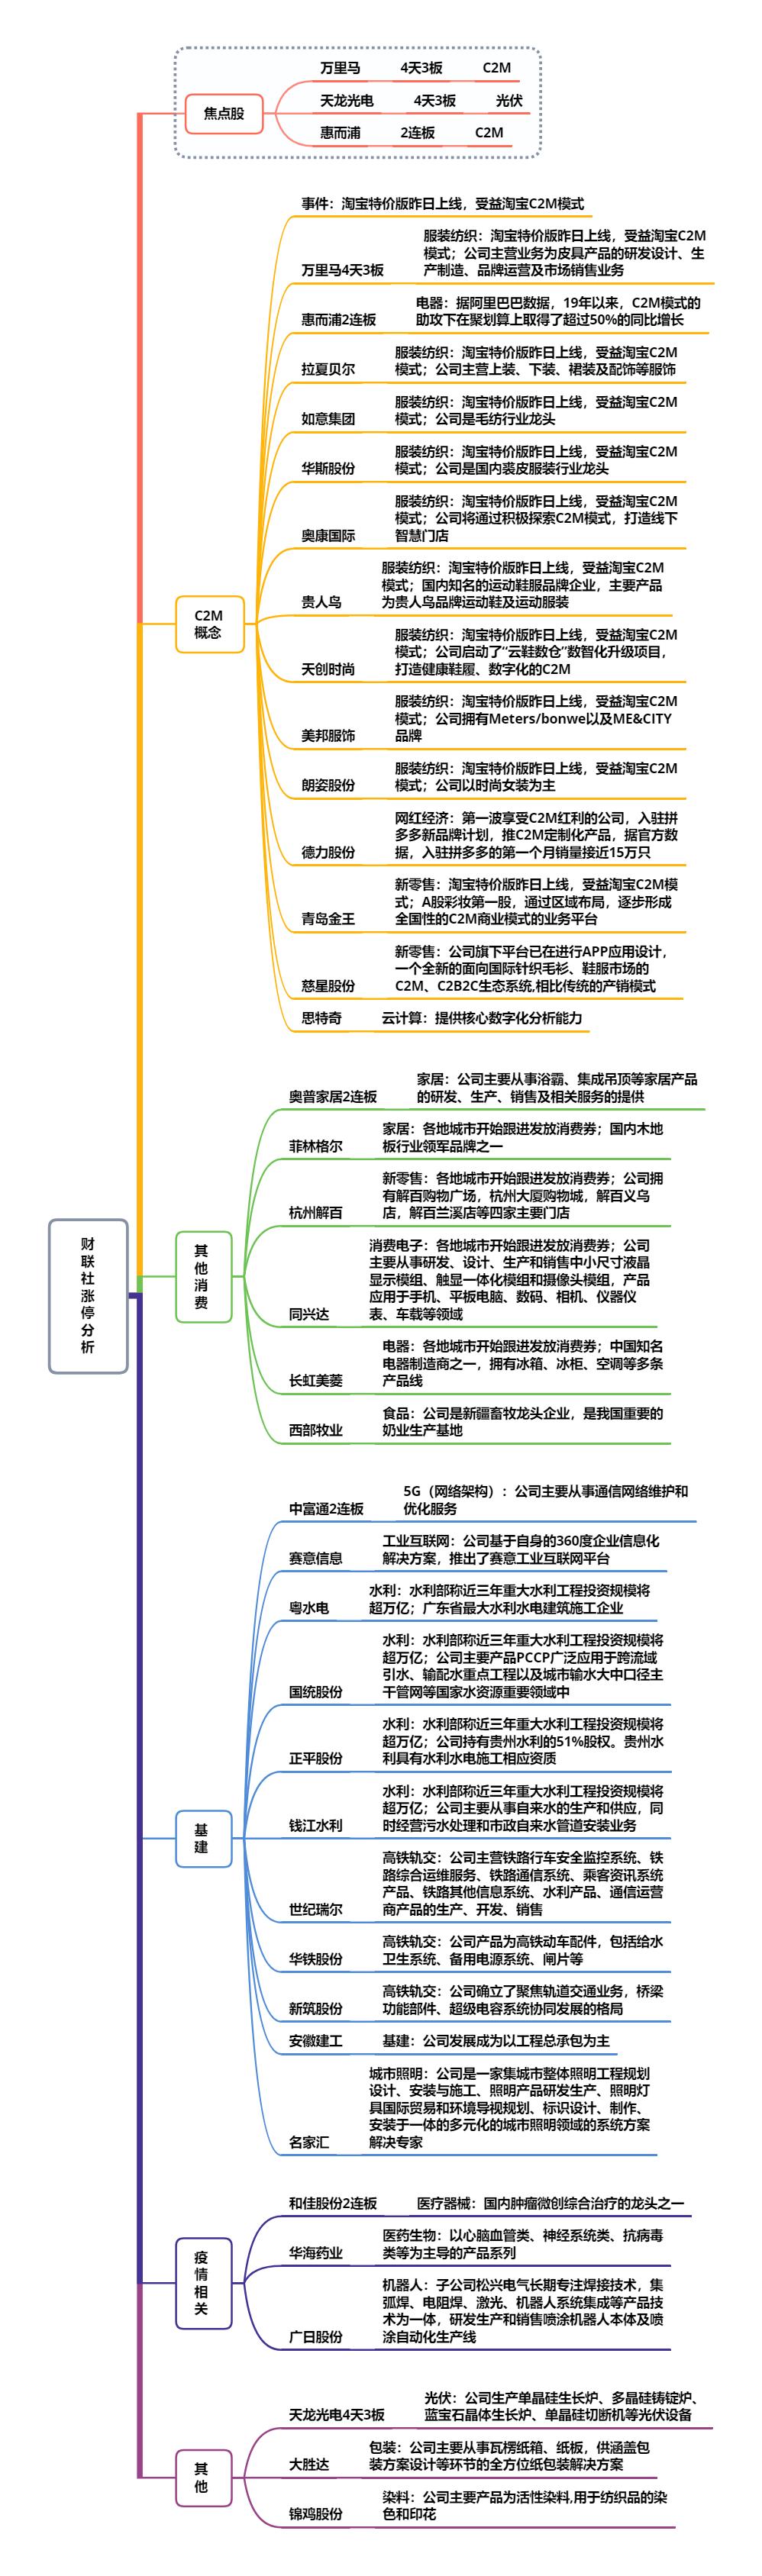 【财联社午报】三大指数震荡上涨  新题材C2M掀起涨停潮